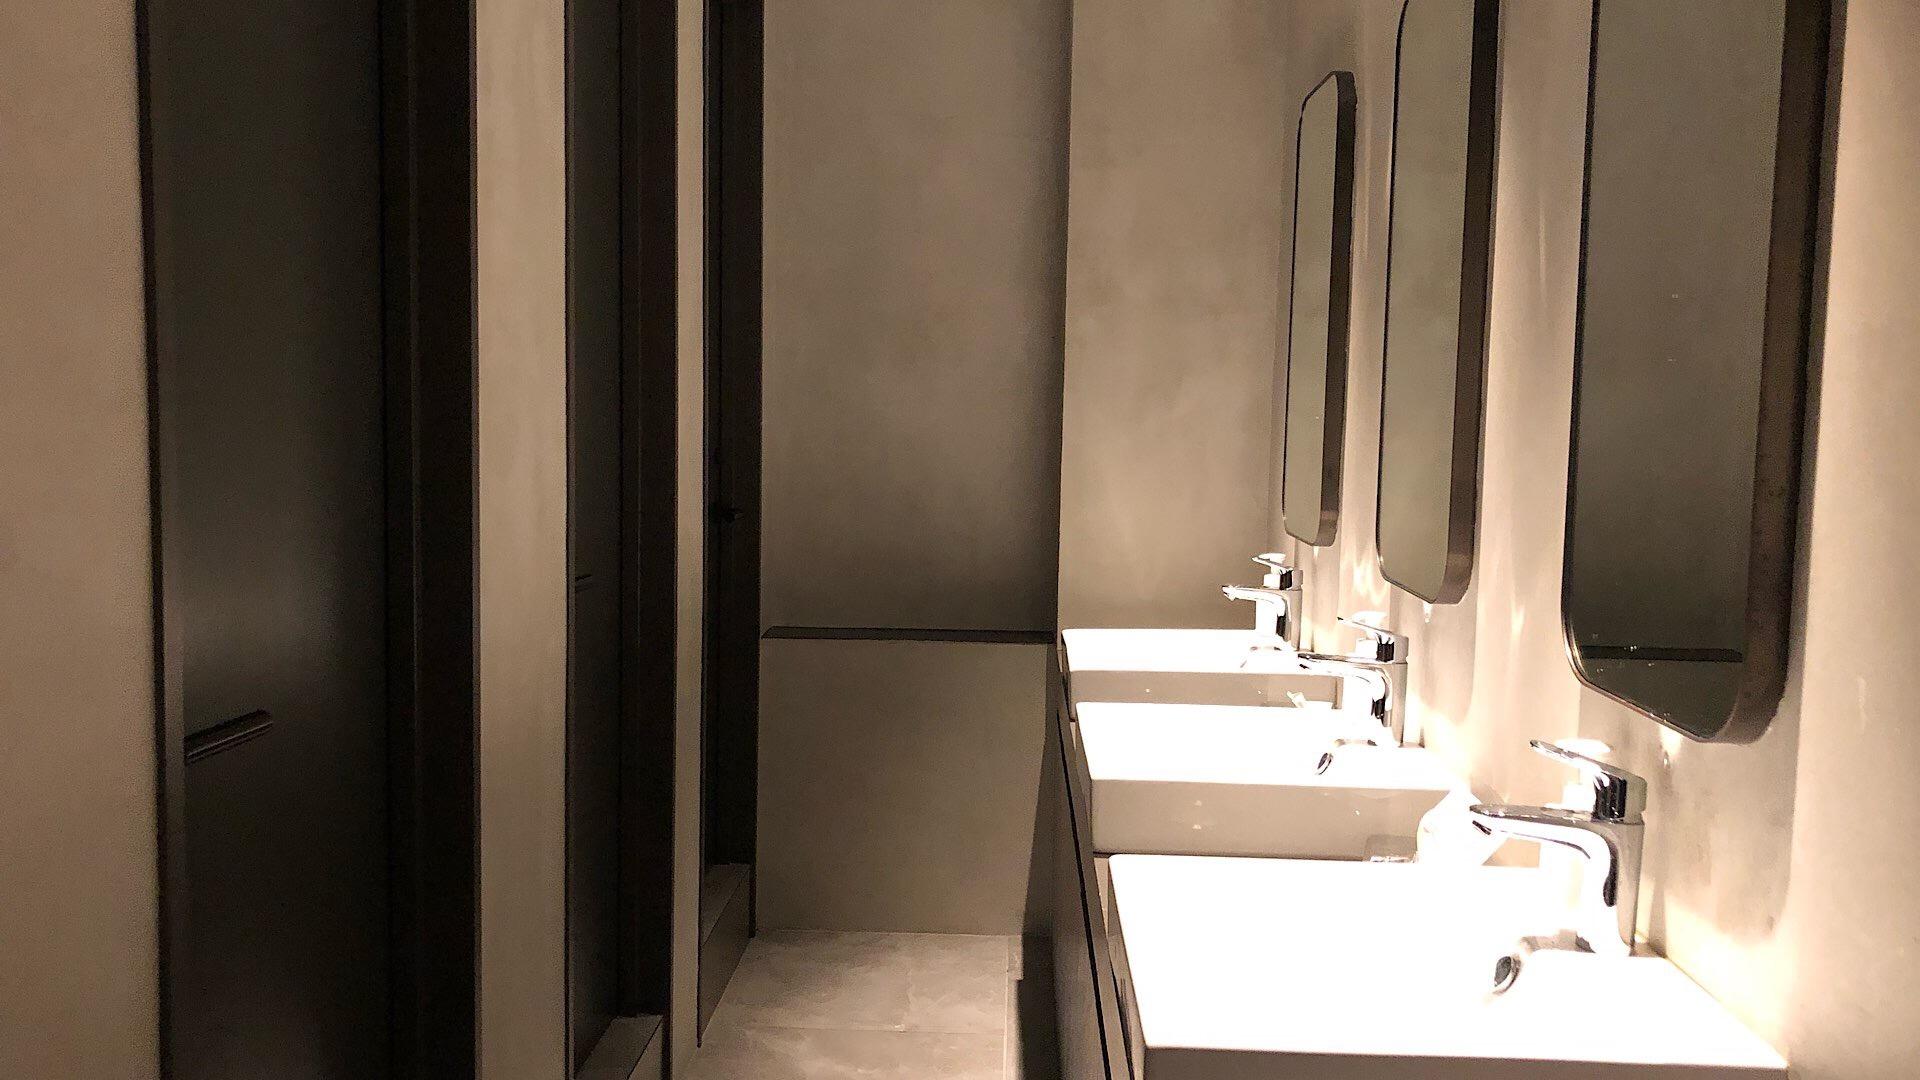 Waschraum im Kapselhotel